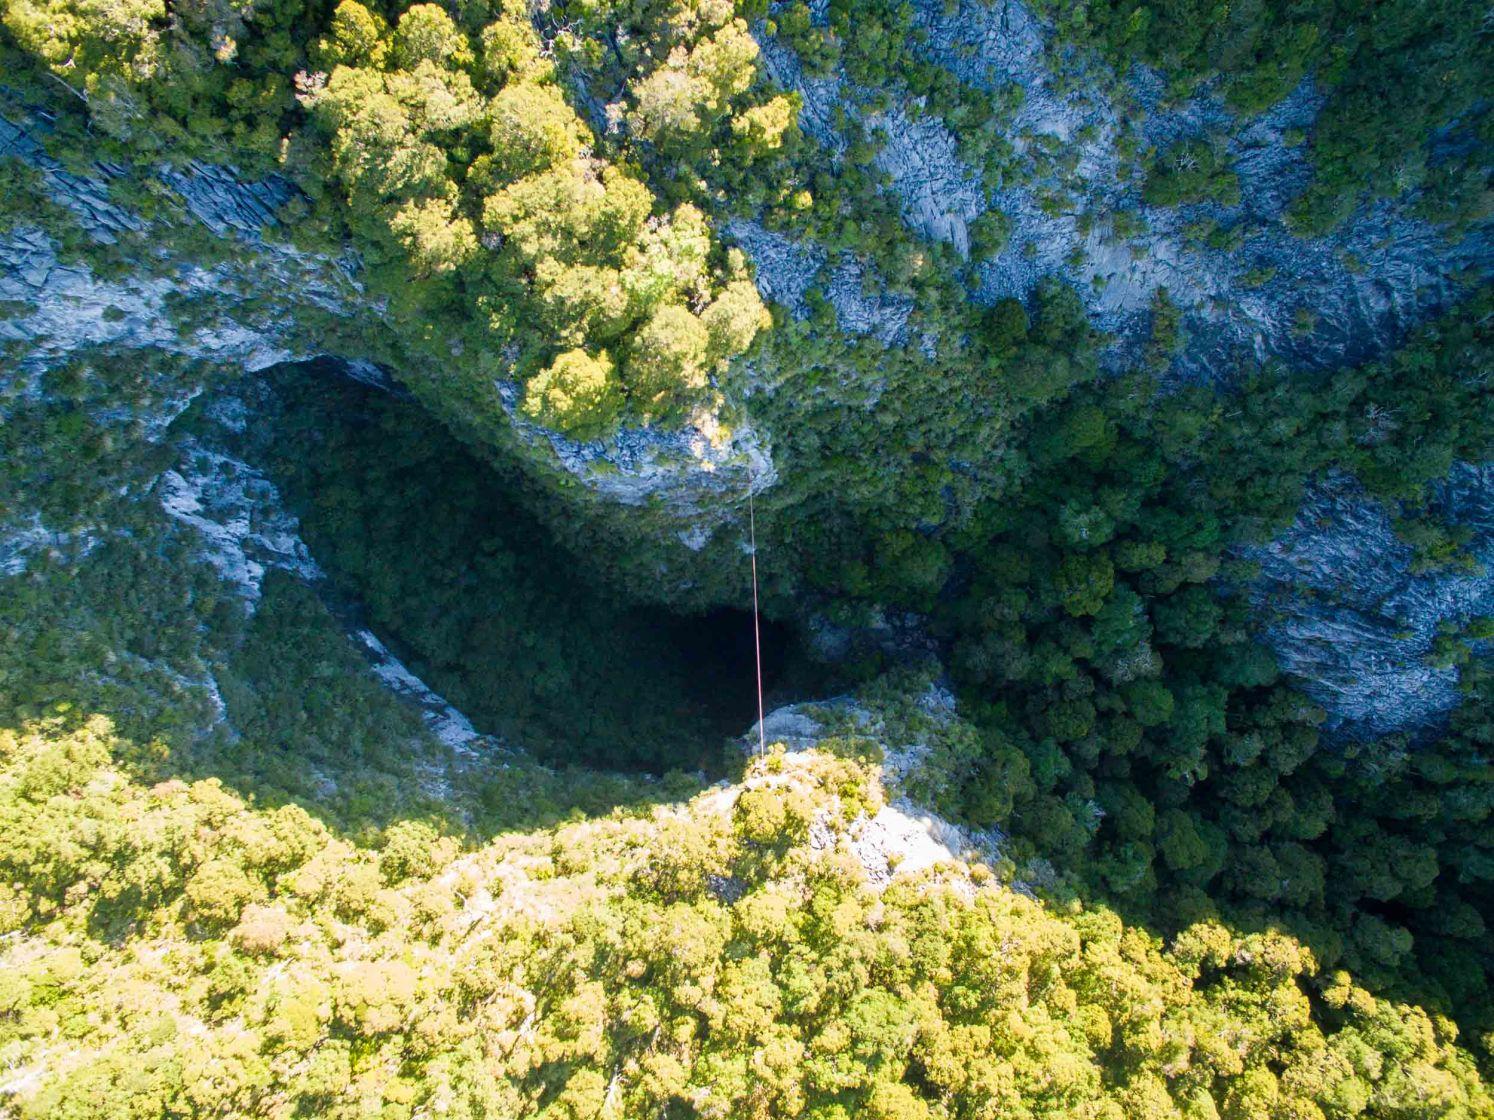 Harwoods Hole